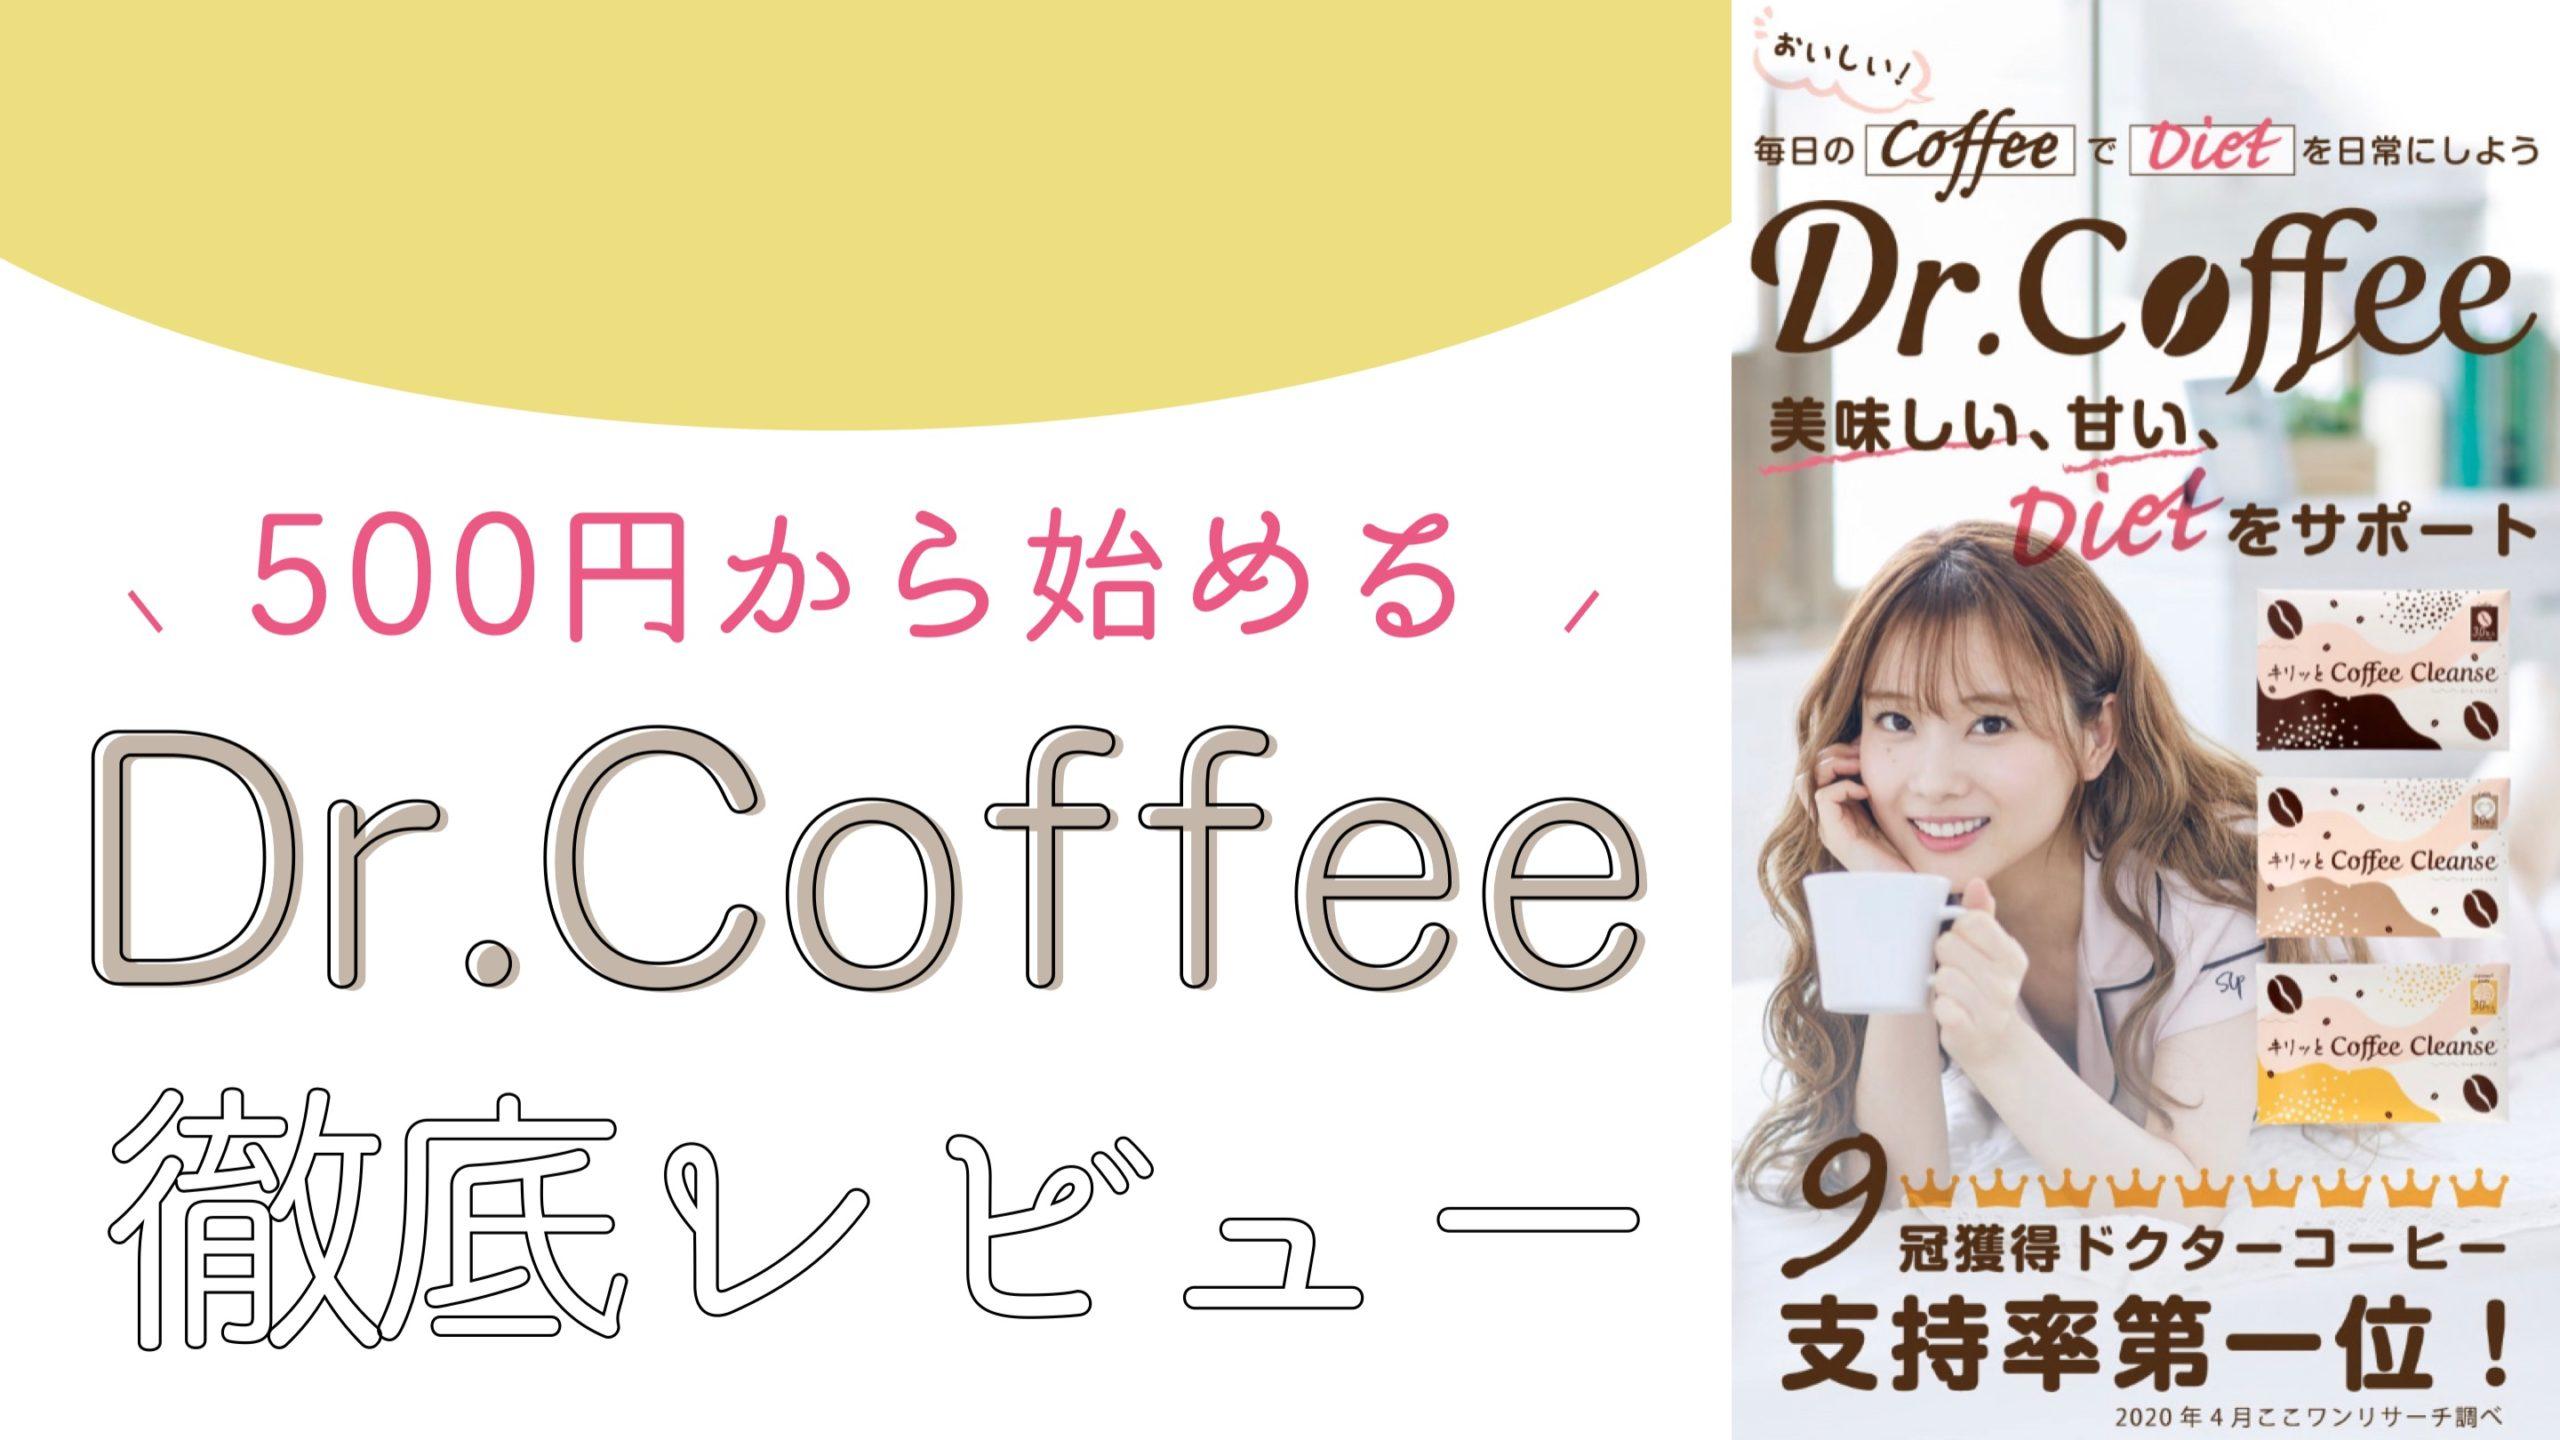 ドクターコーヒー Dr.Coffee 効果 ダイエット レビュー 評価